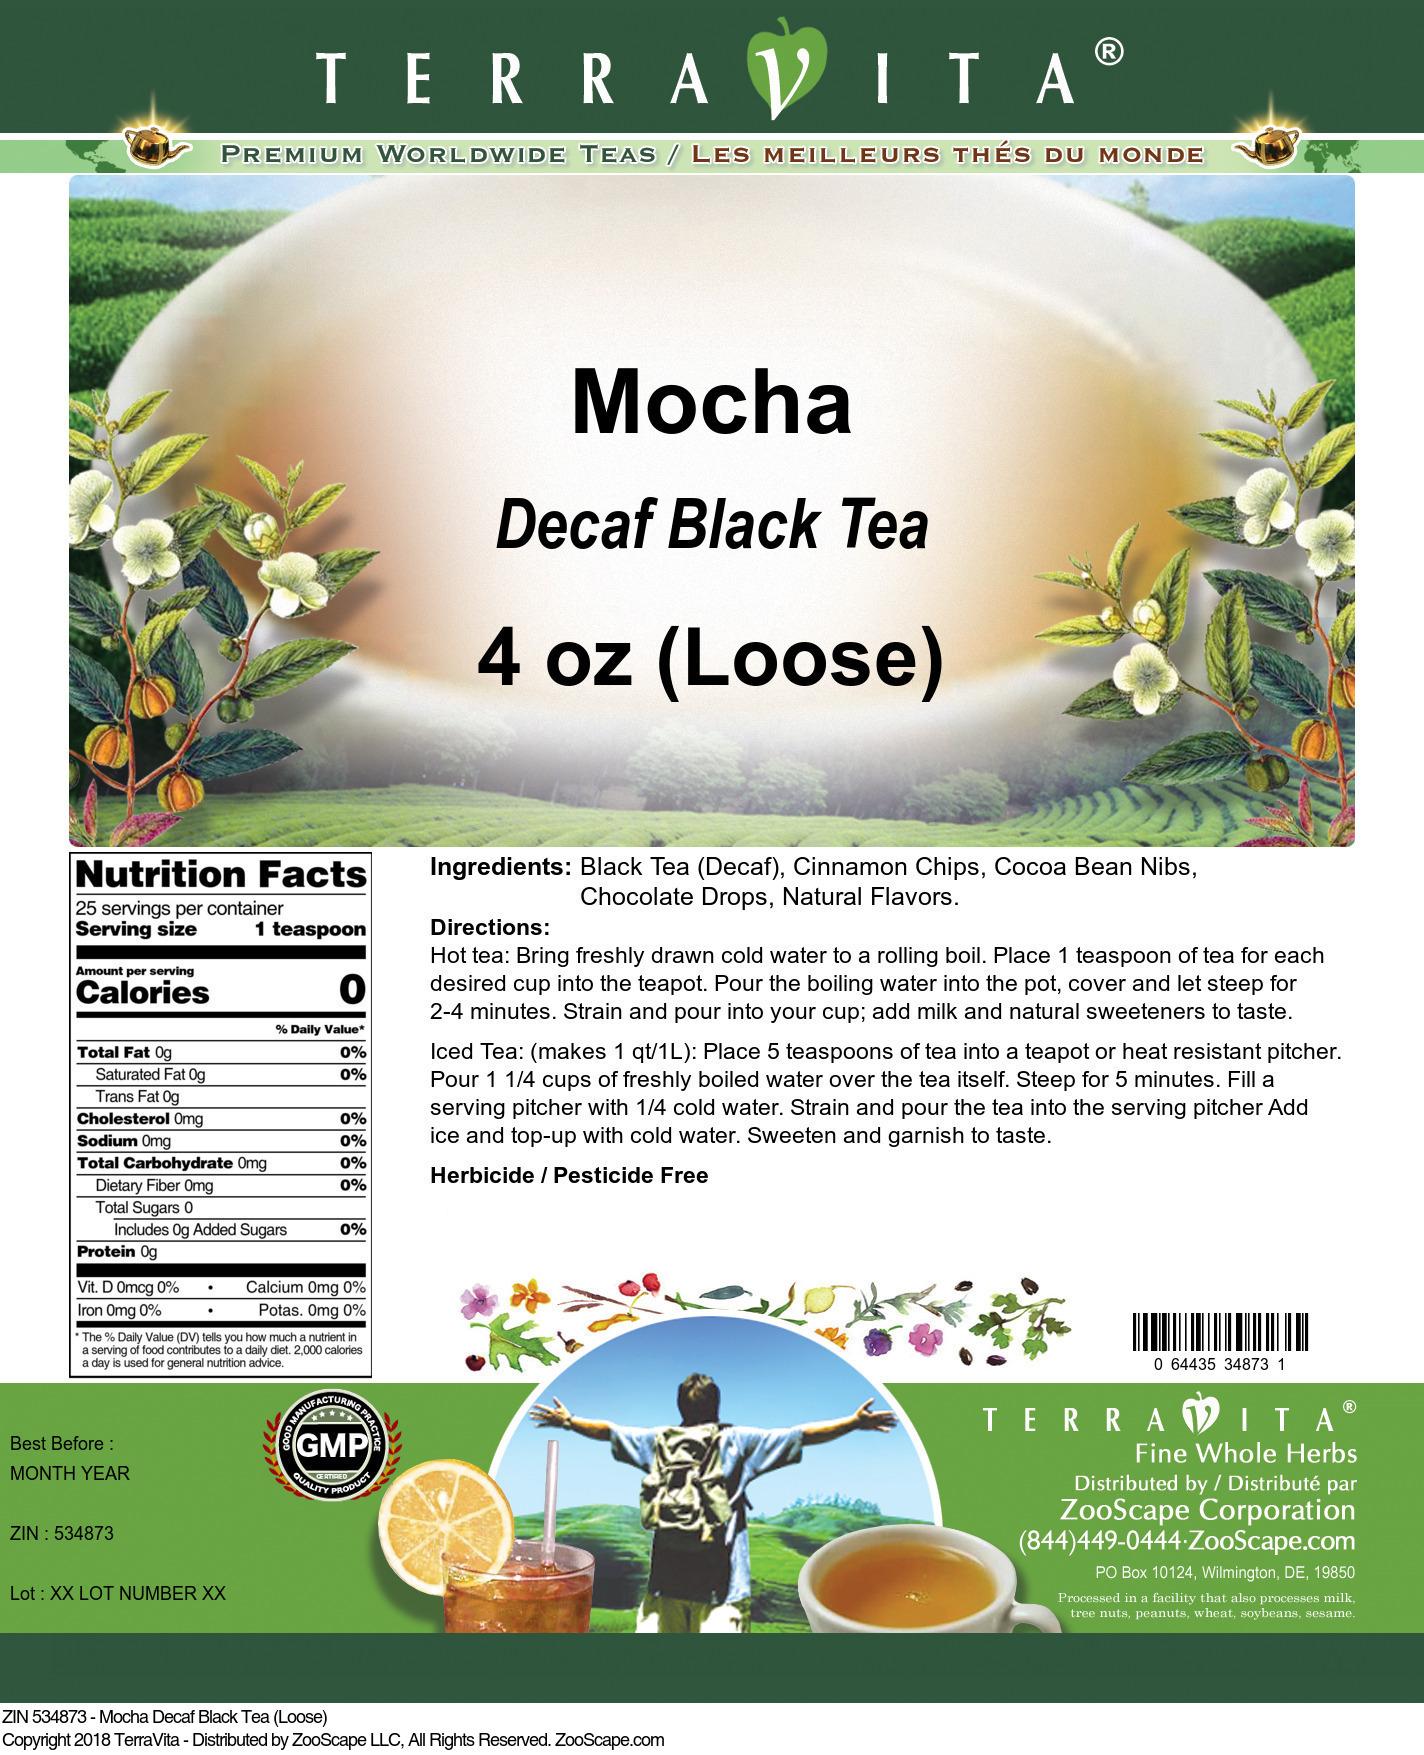 Mocha Decaf Black Tea (Loose)